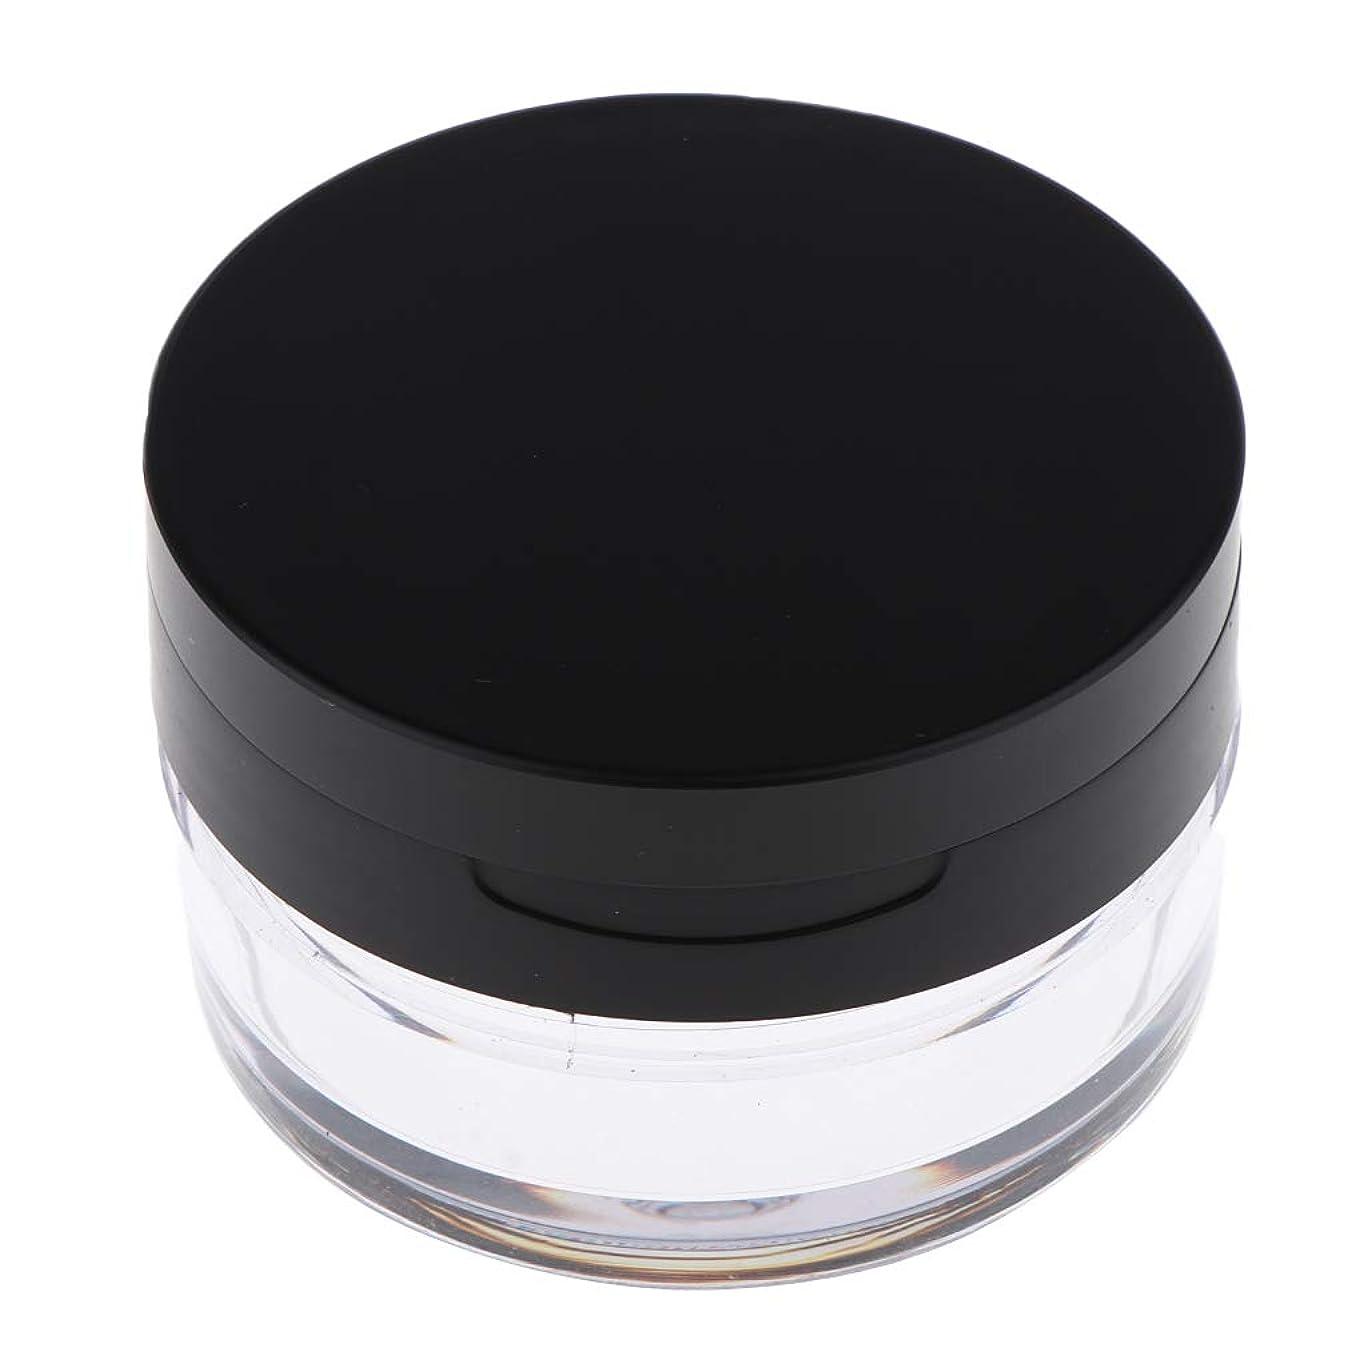 エスカレート組ポットCUTICATE コスメ用詰替え容器 ルースパウダーボックス ルースパウダーケース 全2色 - ブラックL